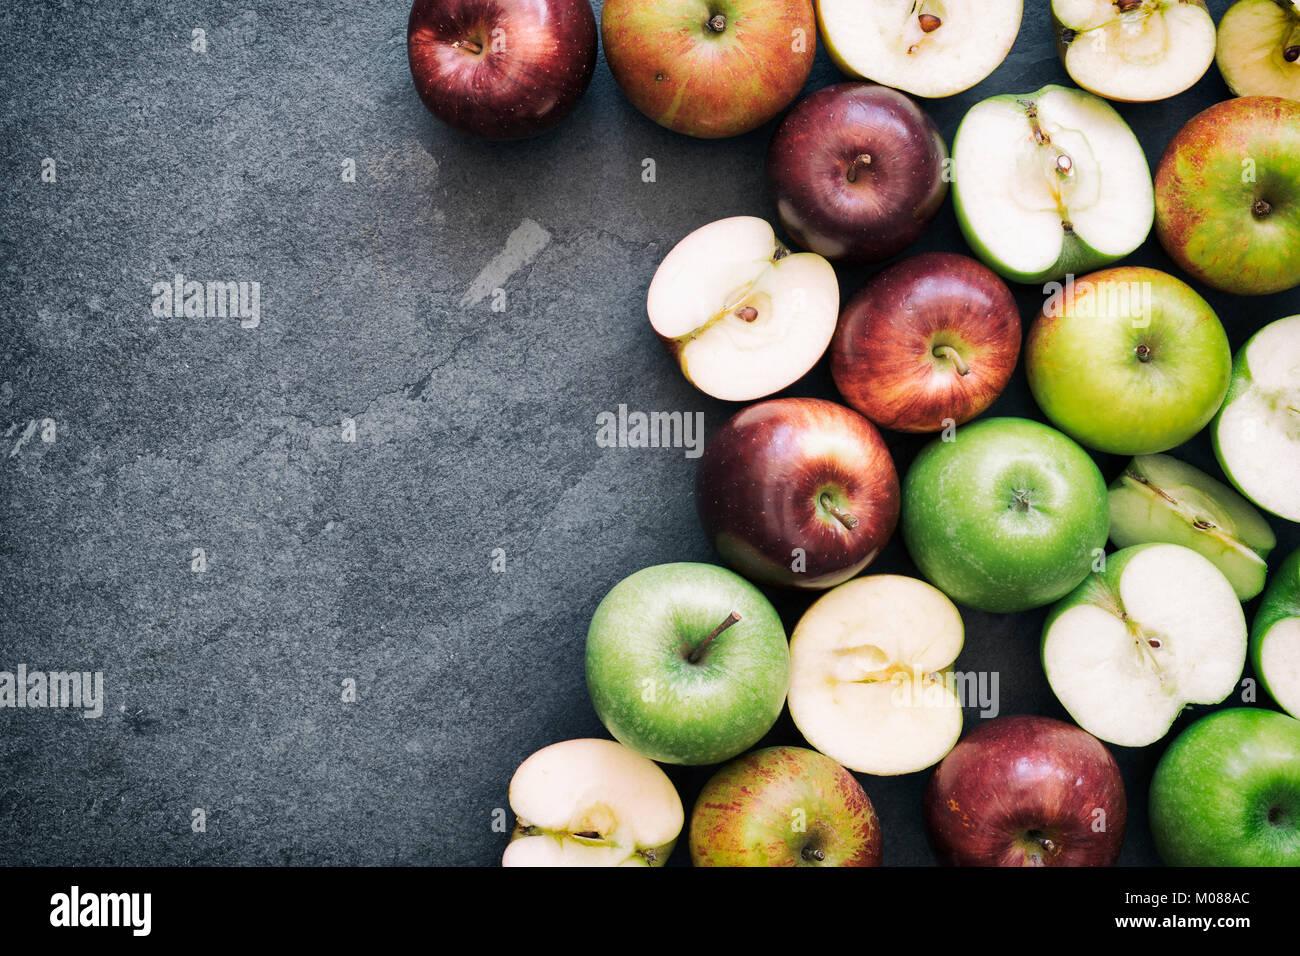 Las manzanas rojas y verdes sobre un fondo de pizarra Imagen De Stock